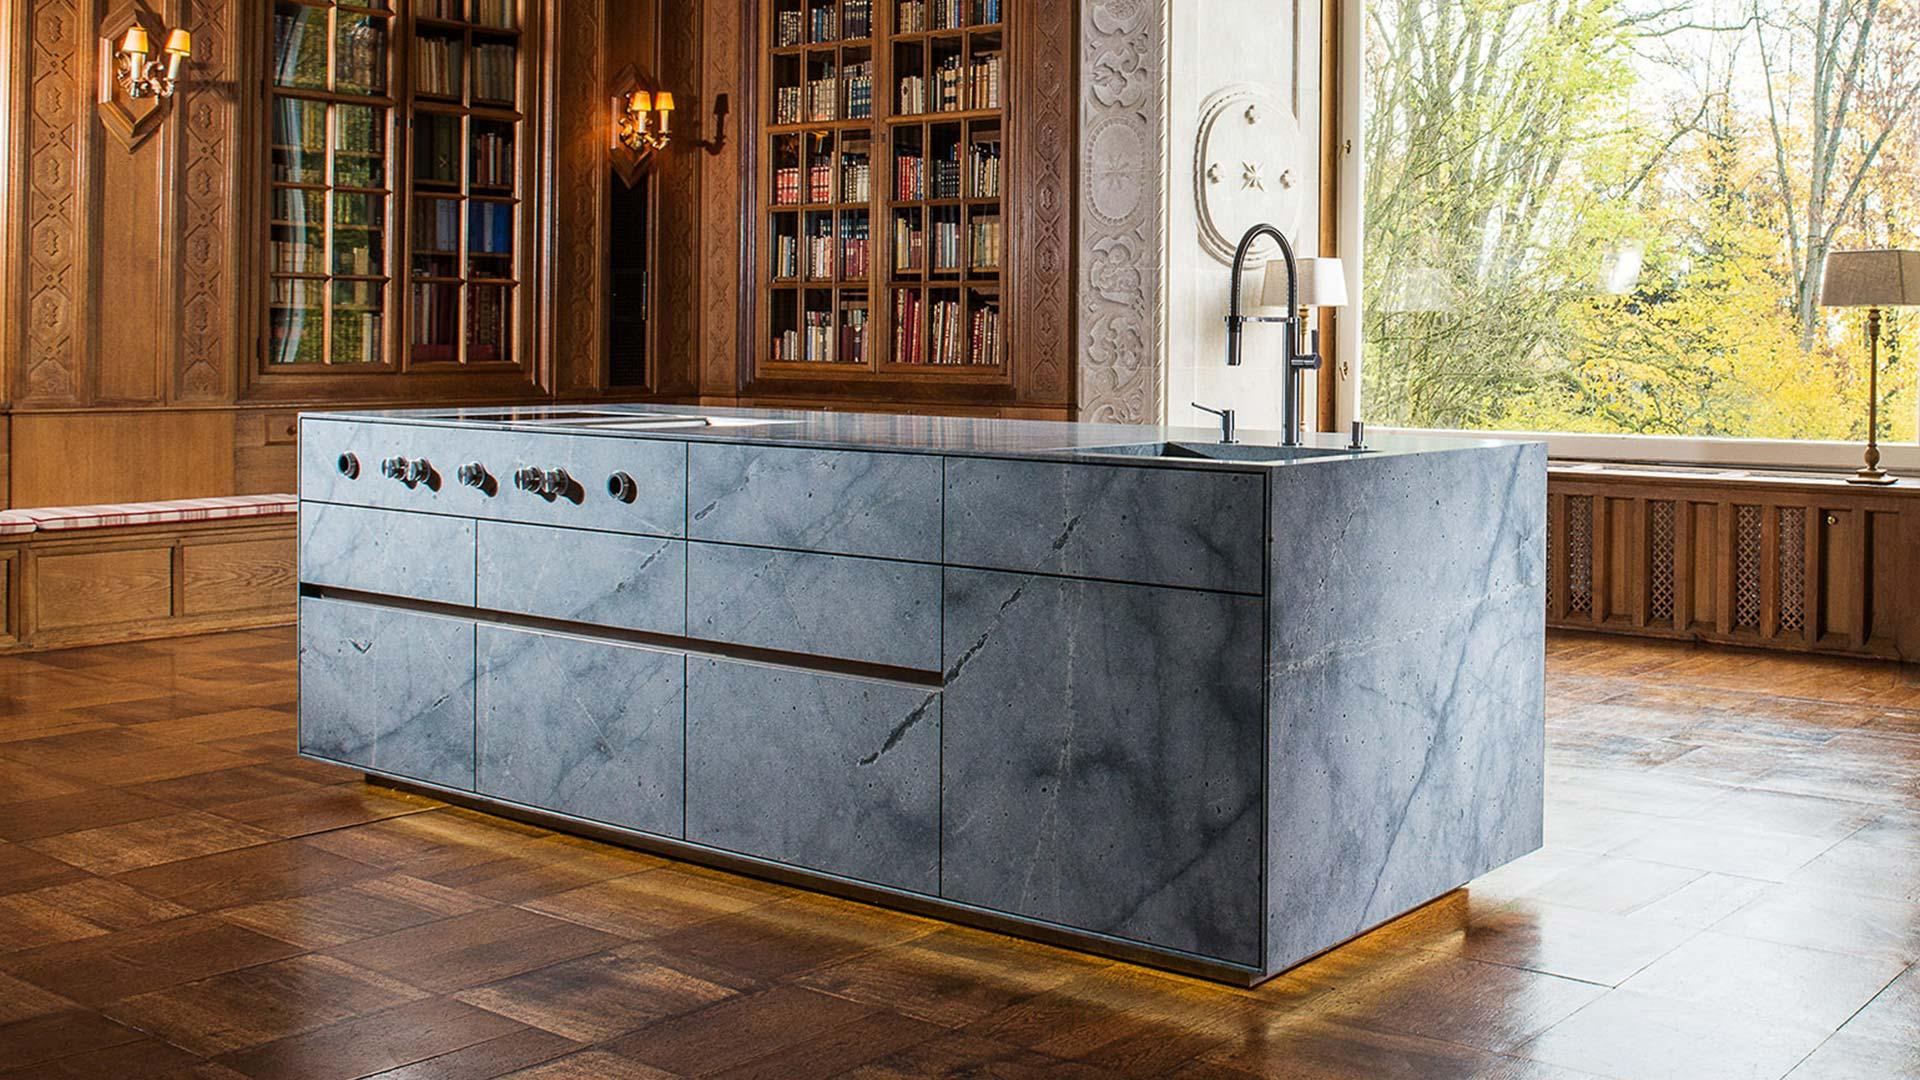 Tiroler Küchenstudio | Strasser präsentiert neue Luxus-Küche